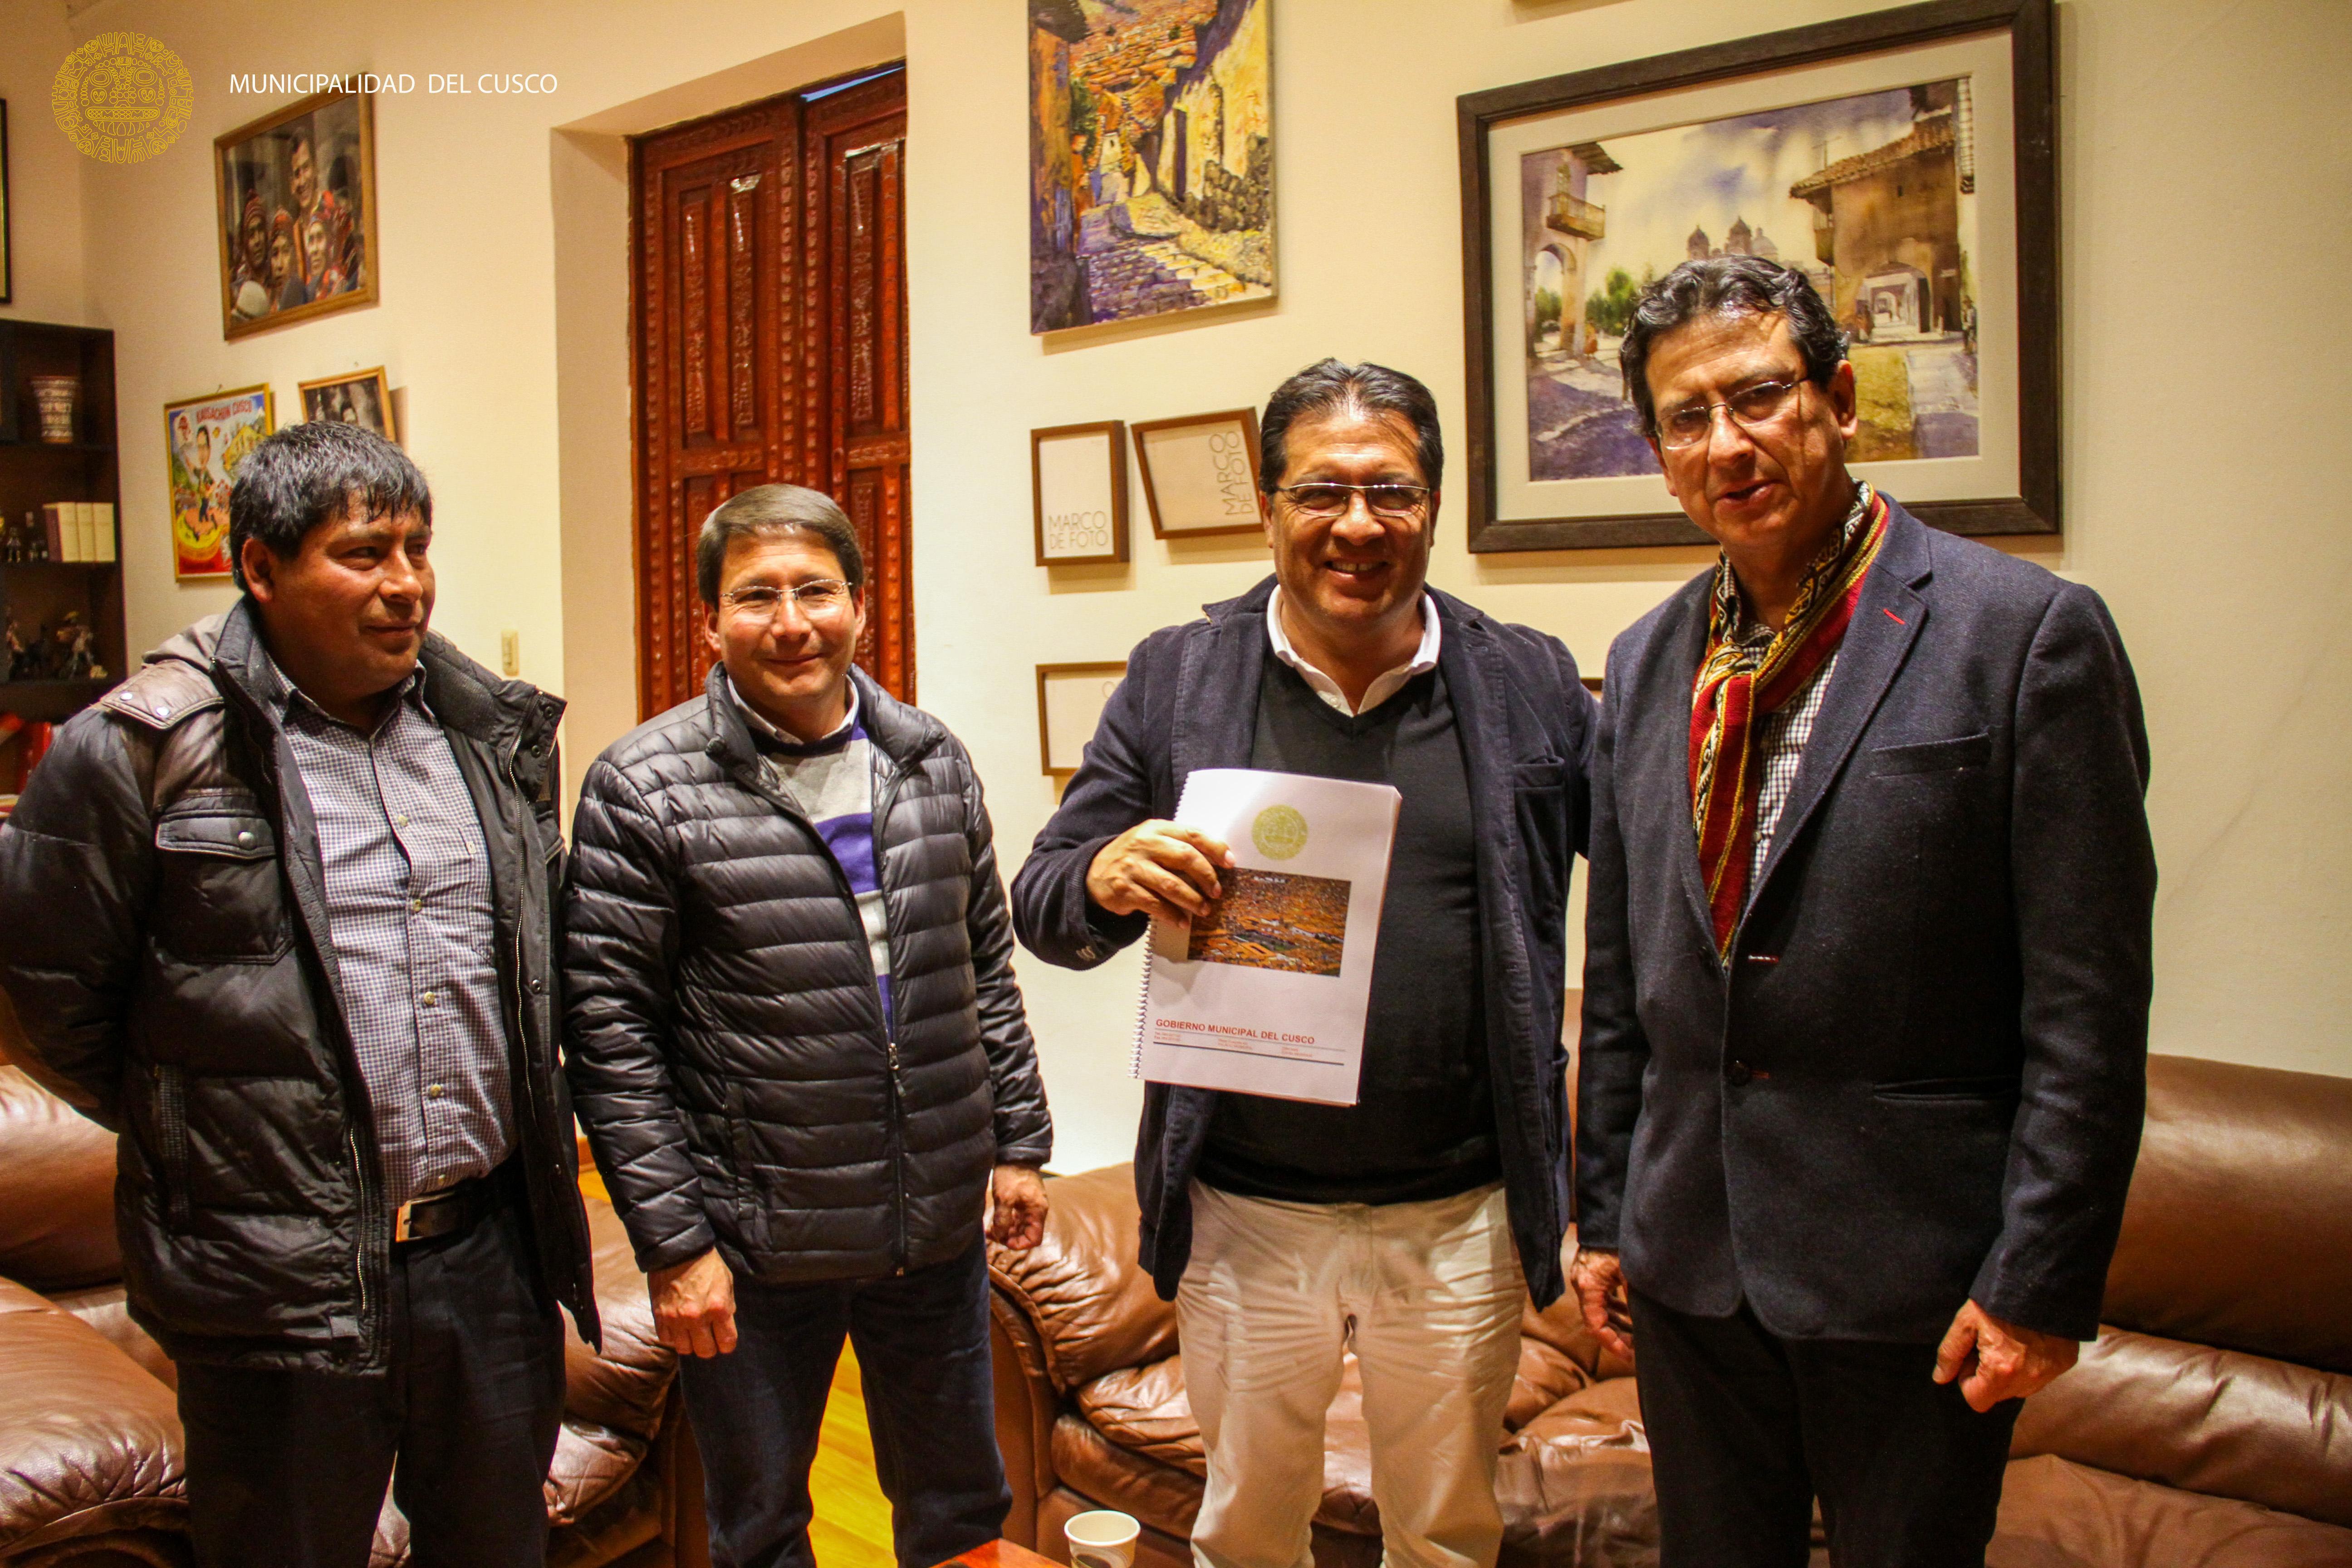 ALCALDE DEL CUSCO ENTREGO DOCUMENTO INFORMATIVO A CANDIDATOS A LA PROVINCIA DE CUSCO